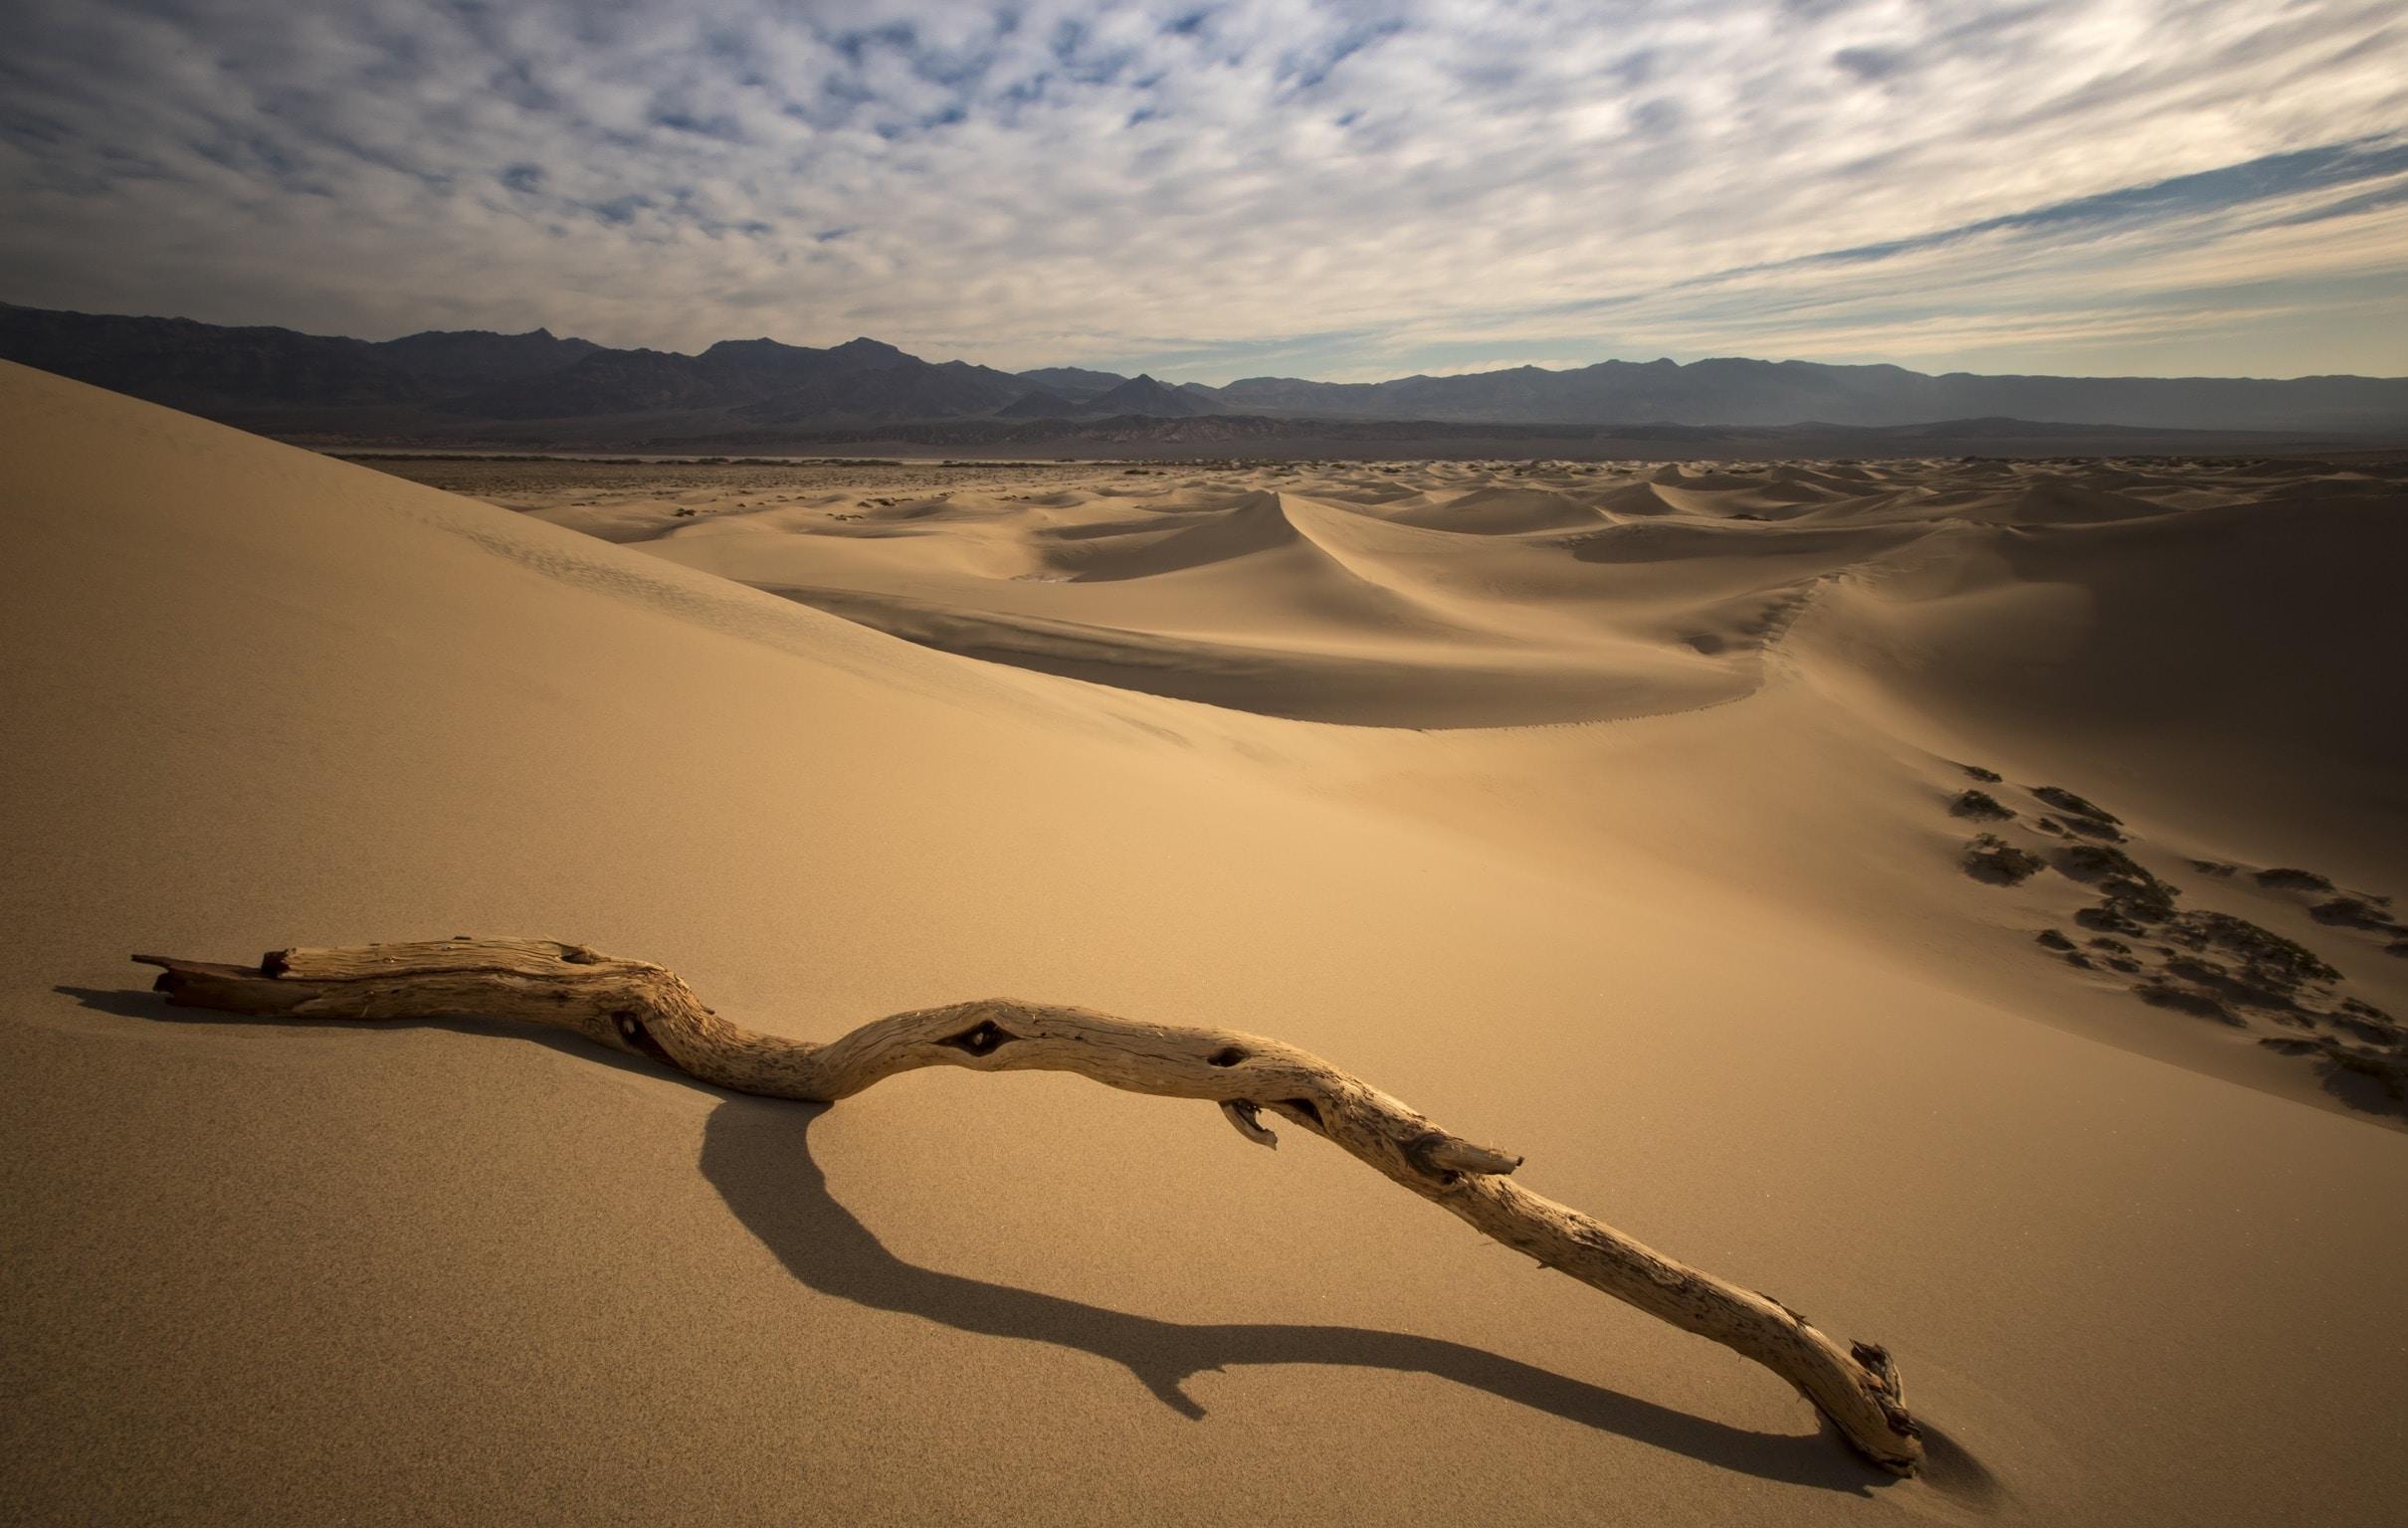 drift wood on desert